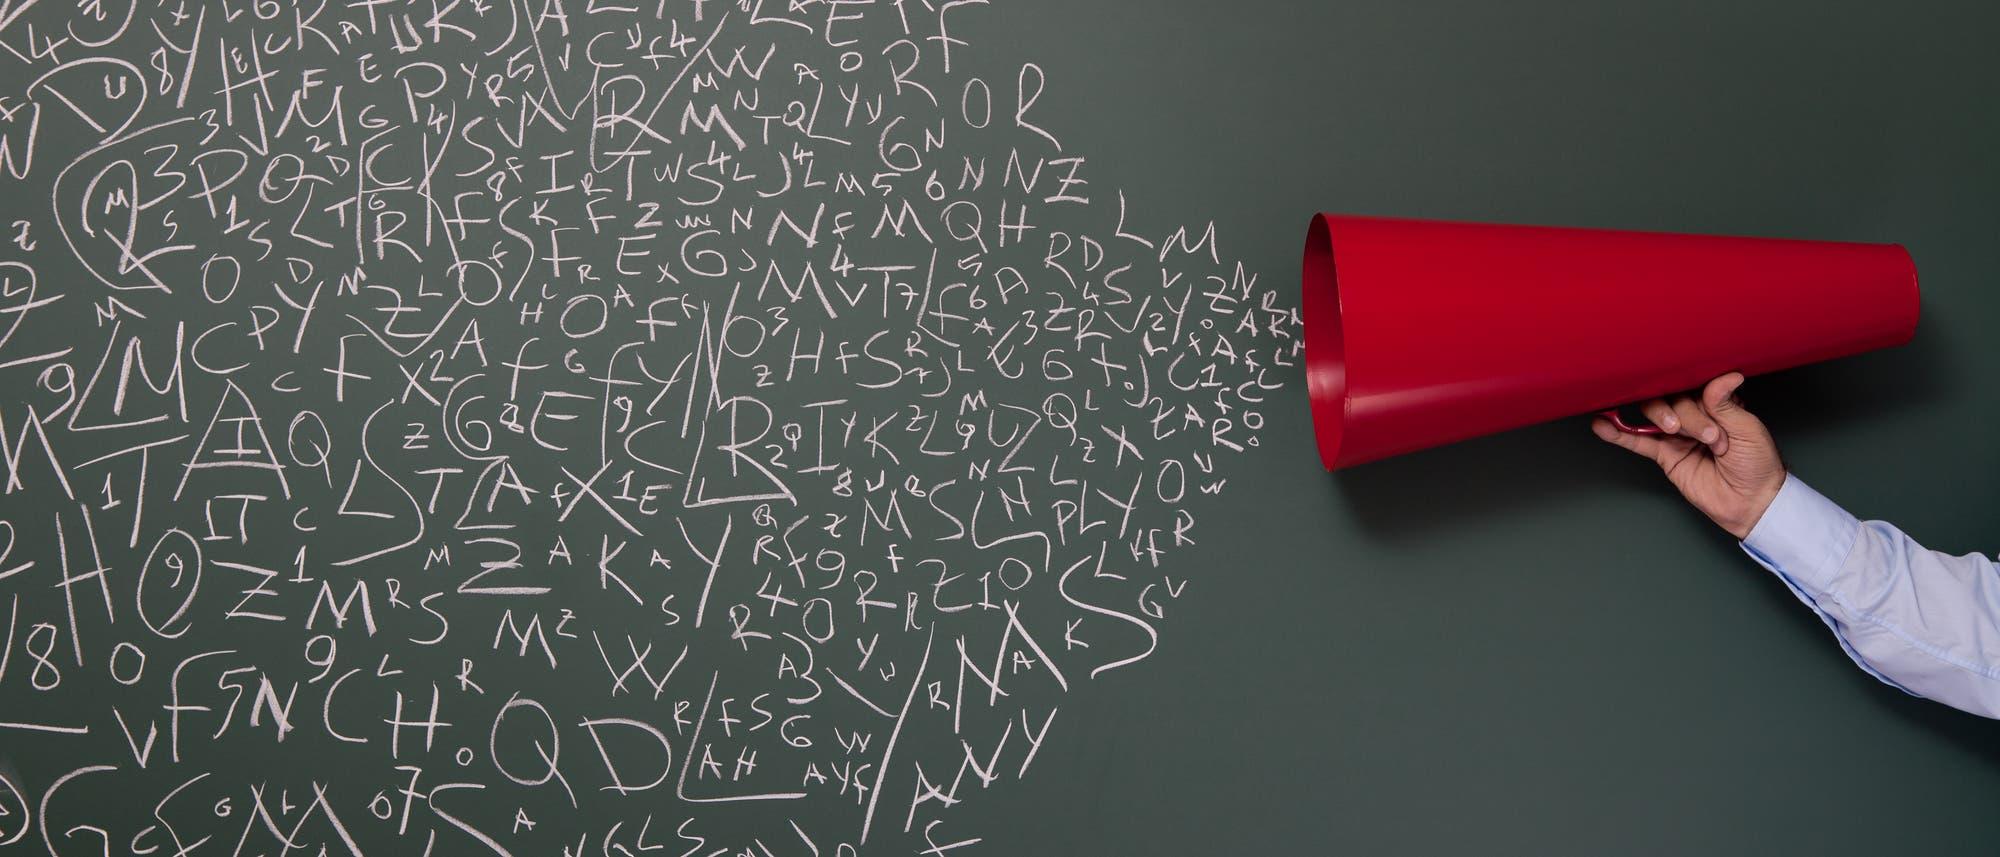 Megaphon mit Buchstaben